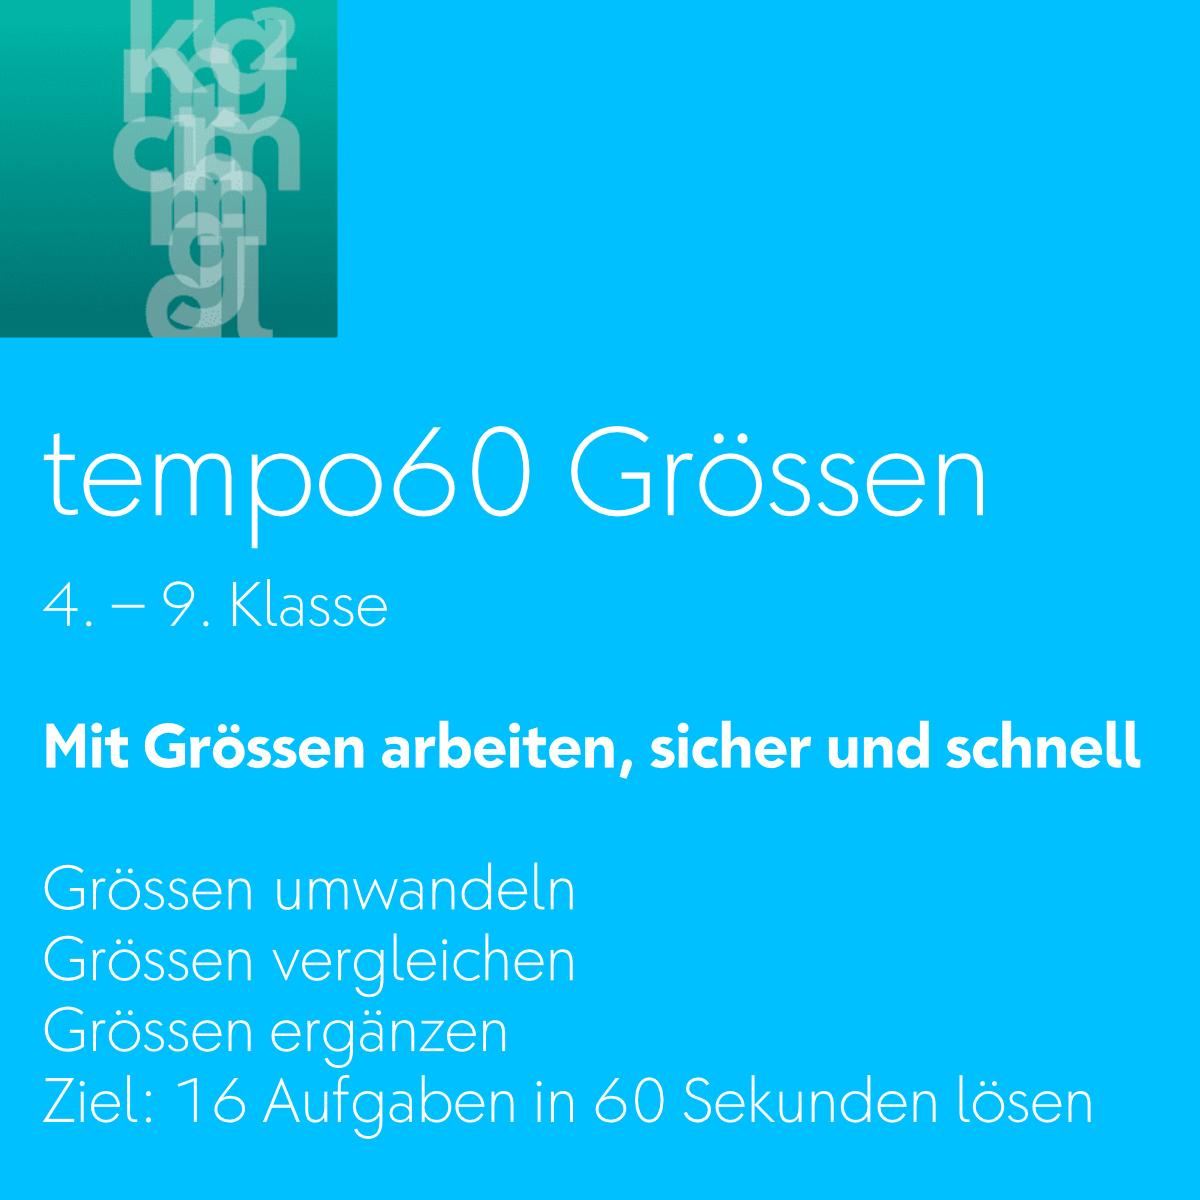 tempo60 Grössen